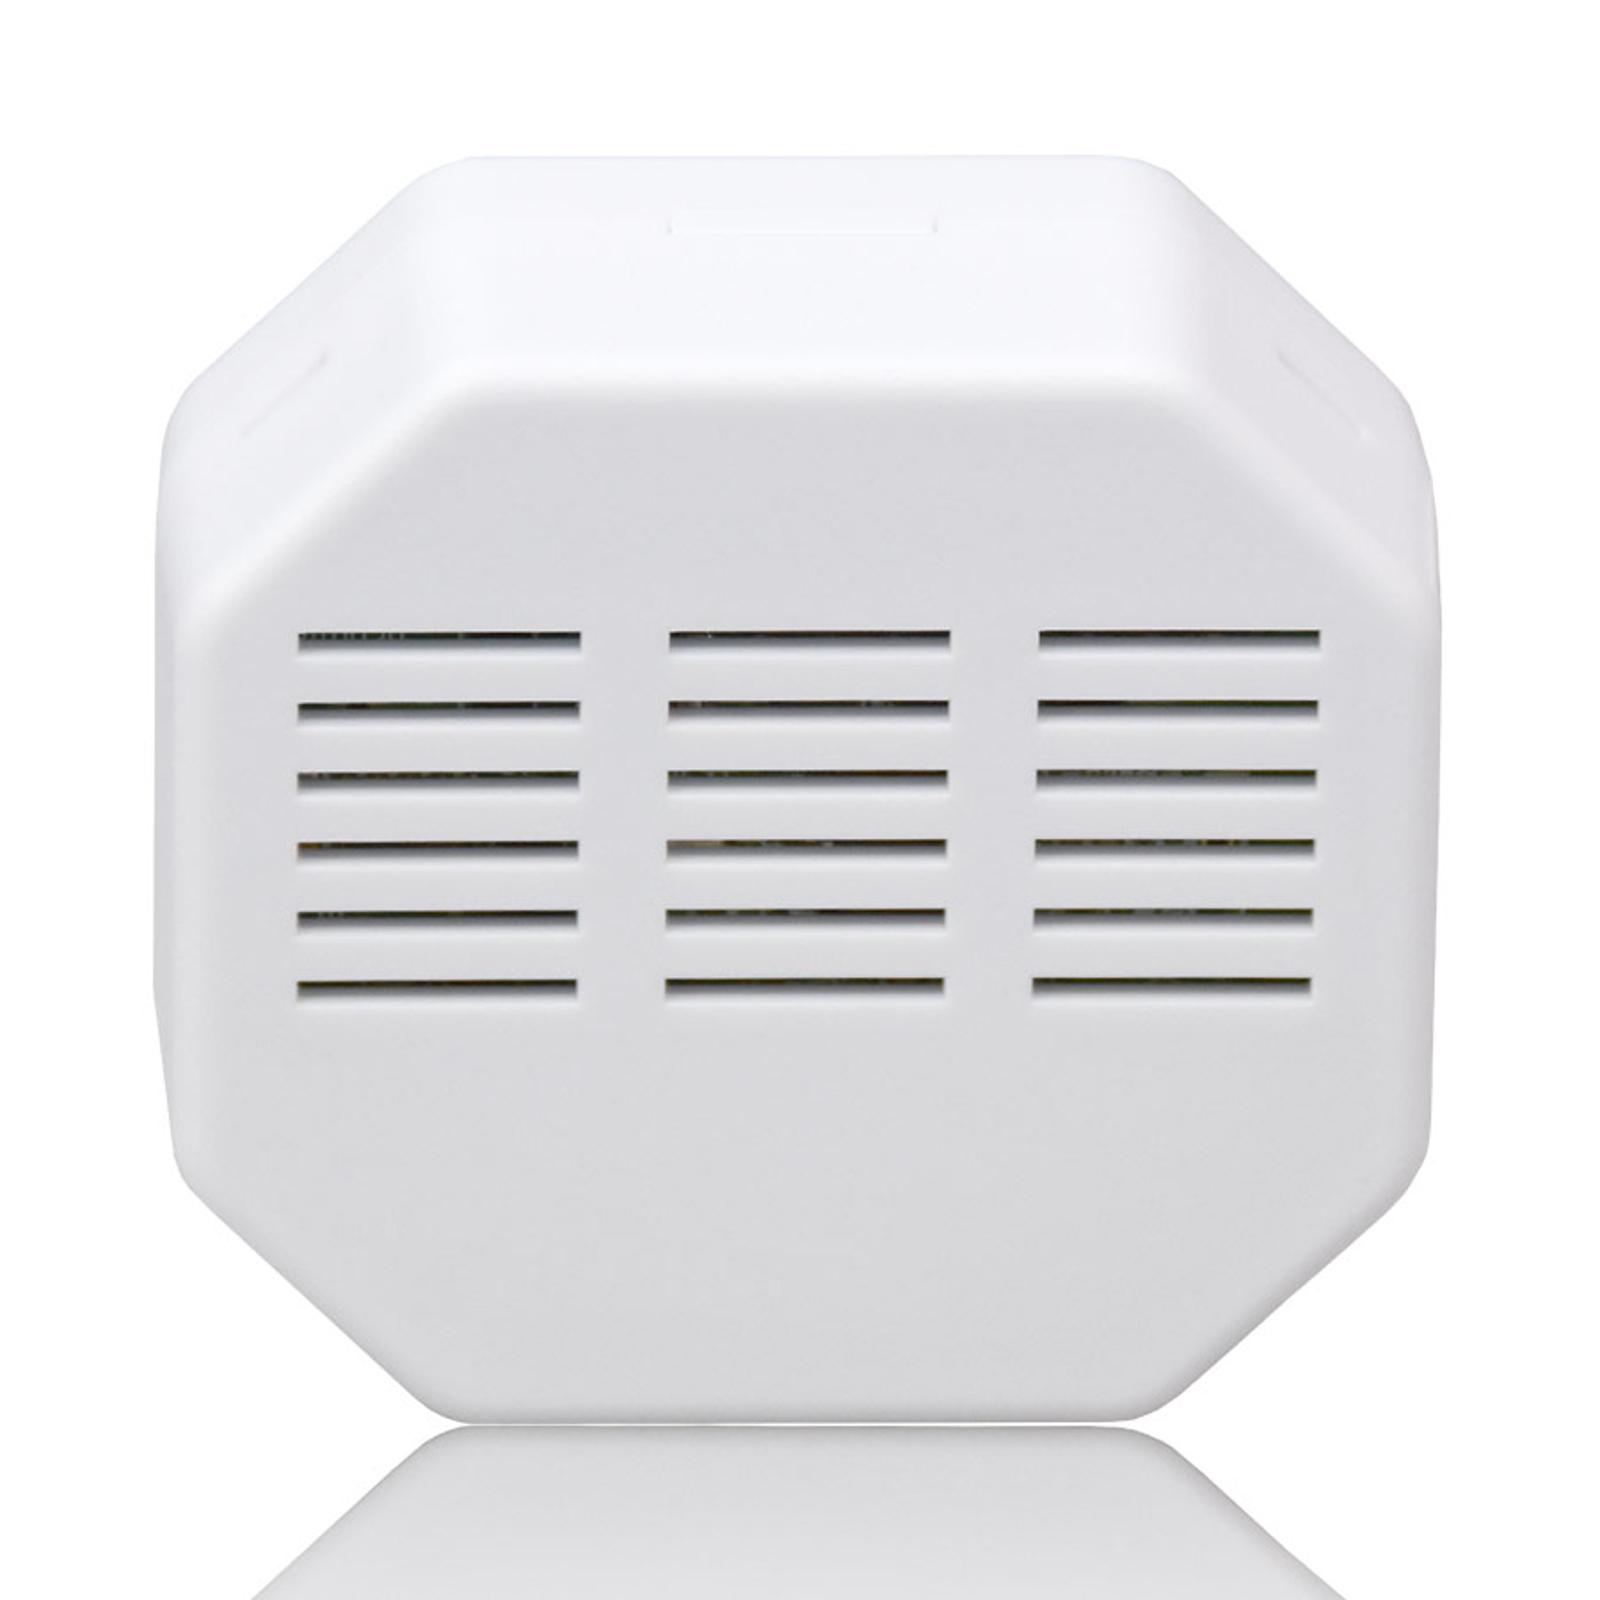 Blaupunkt RRM2-S1 Smart Home Relais Q-serie